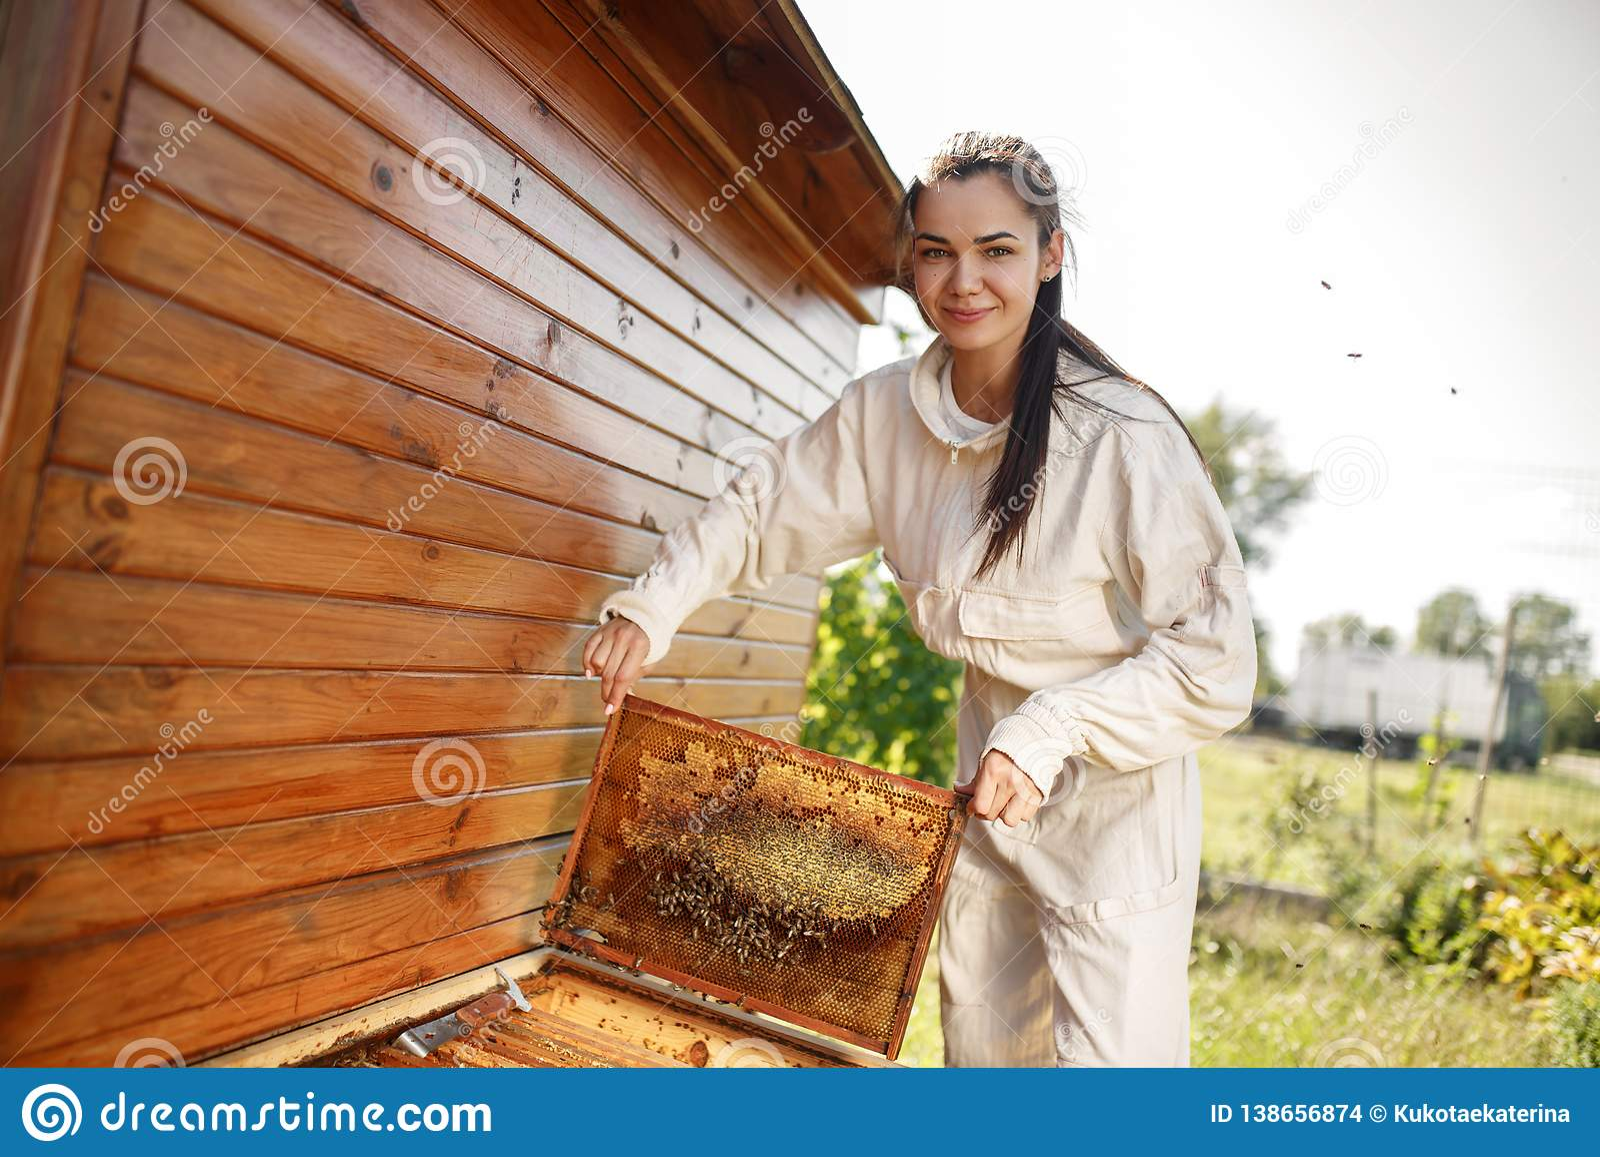 Ο νέος θηλυκός μελισσοκόμος βγάζει από την κυψέλη ένα ξύλινο πλαίσιο με την κηρήθρα Συλλέξτε το μέλι Έννοια μελισσοκομίας